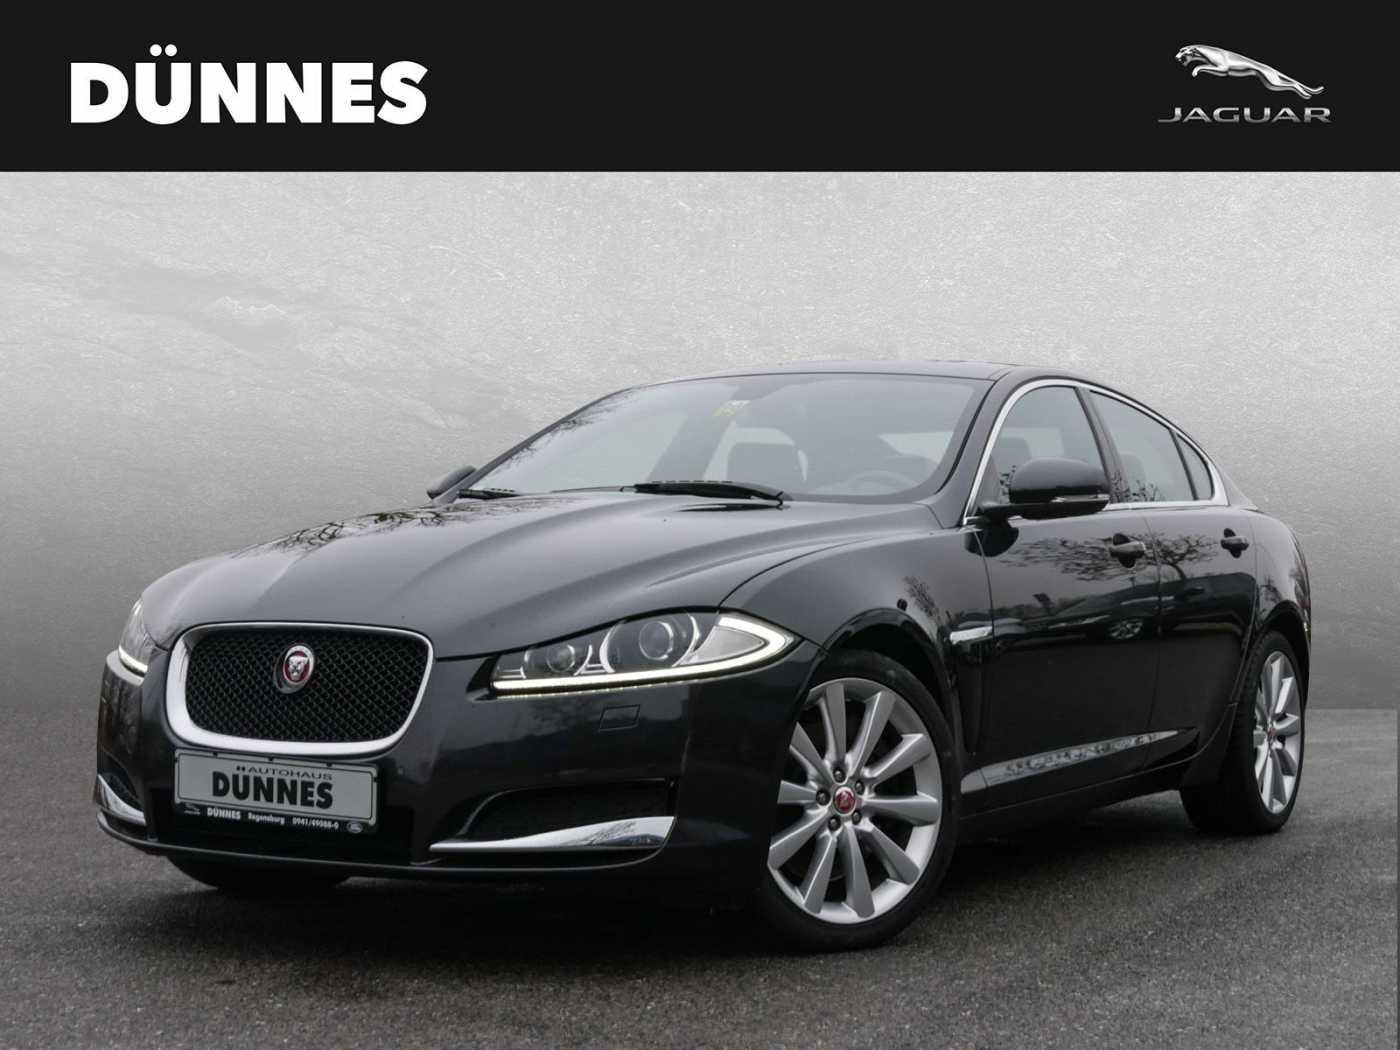 Jaguar XF 3.0 V6 Diesel S, Jahr 2014, Diesel